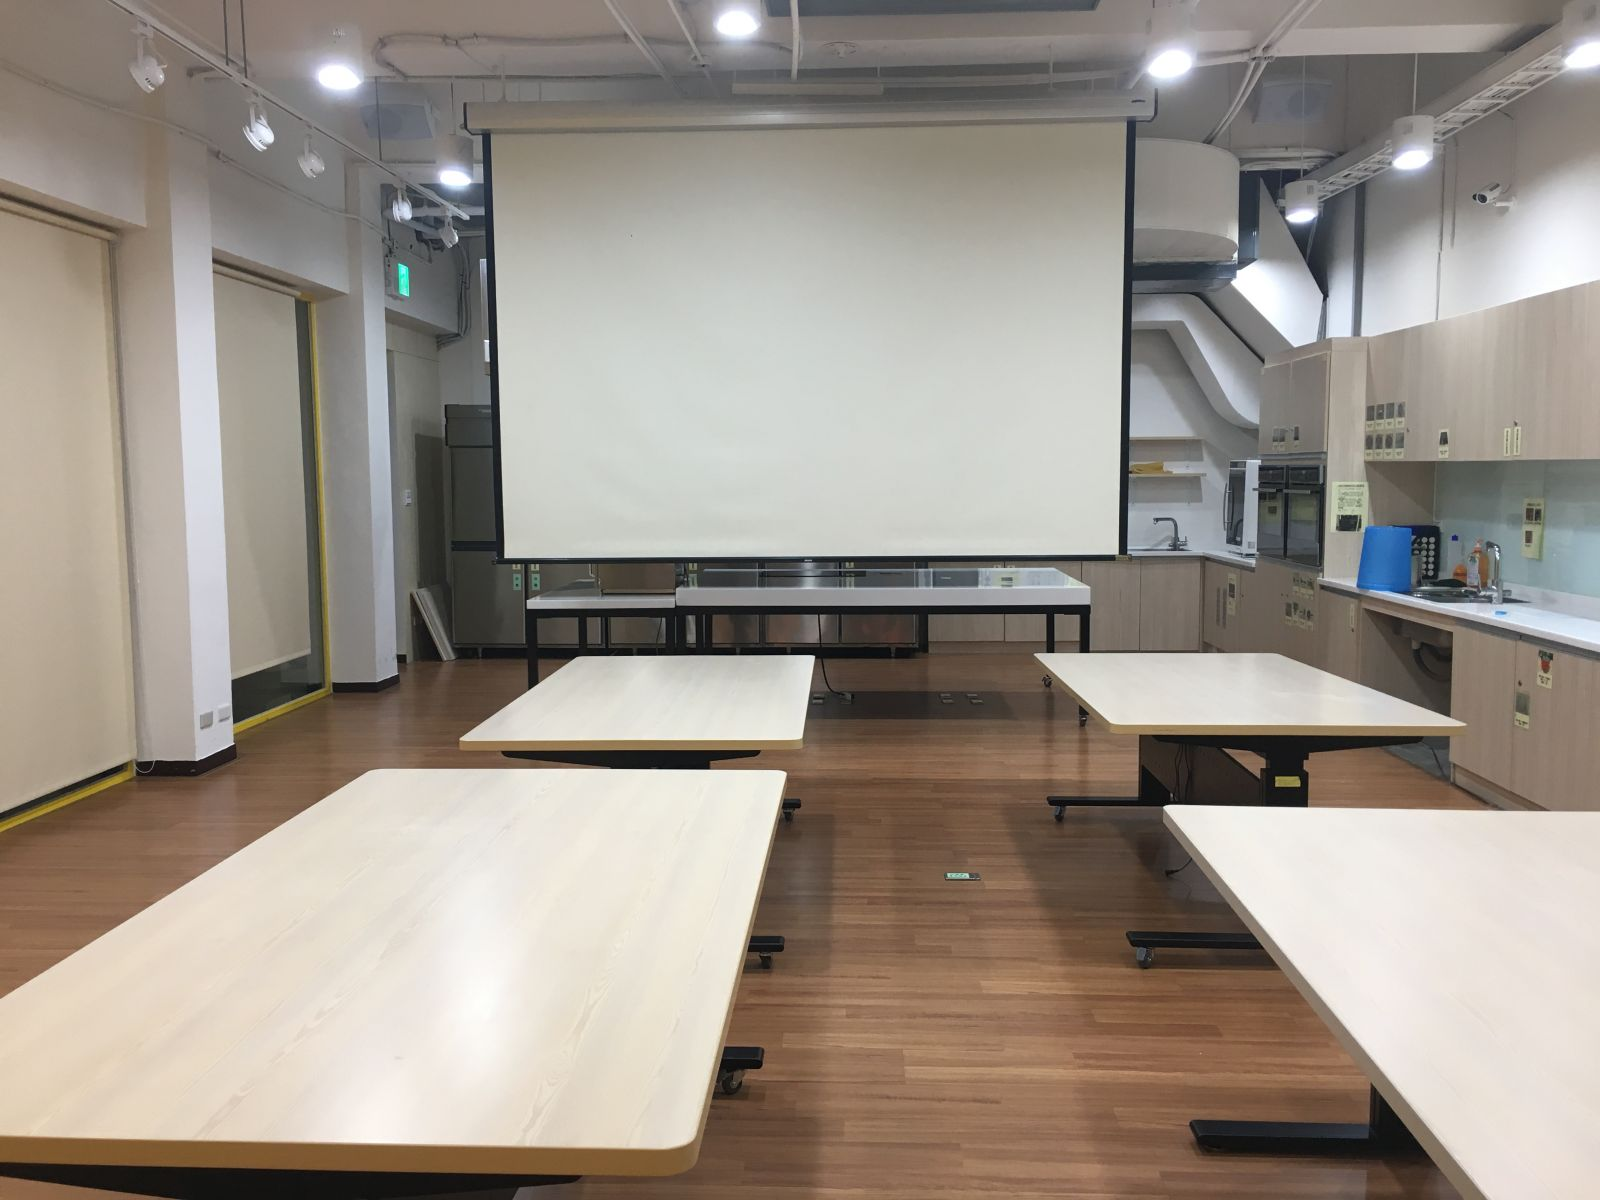 1樓廚藝教室空間示意圖一